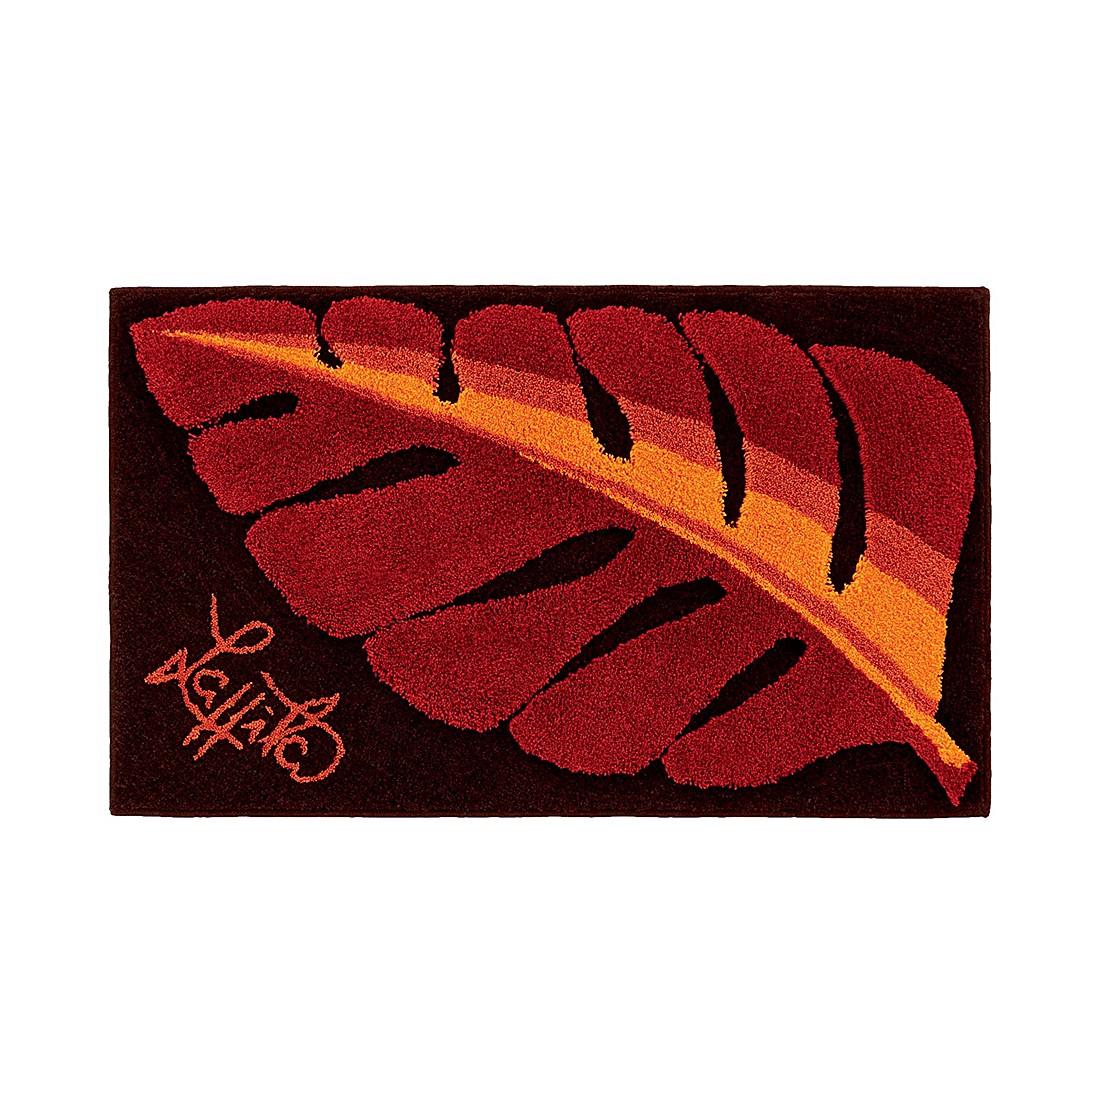 Badteppich Leaf – 50 x 60 cm – Rot, Grund günstig kaufen